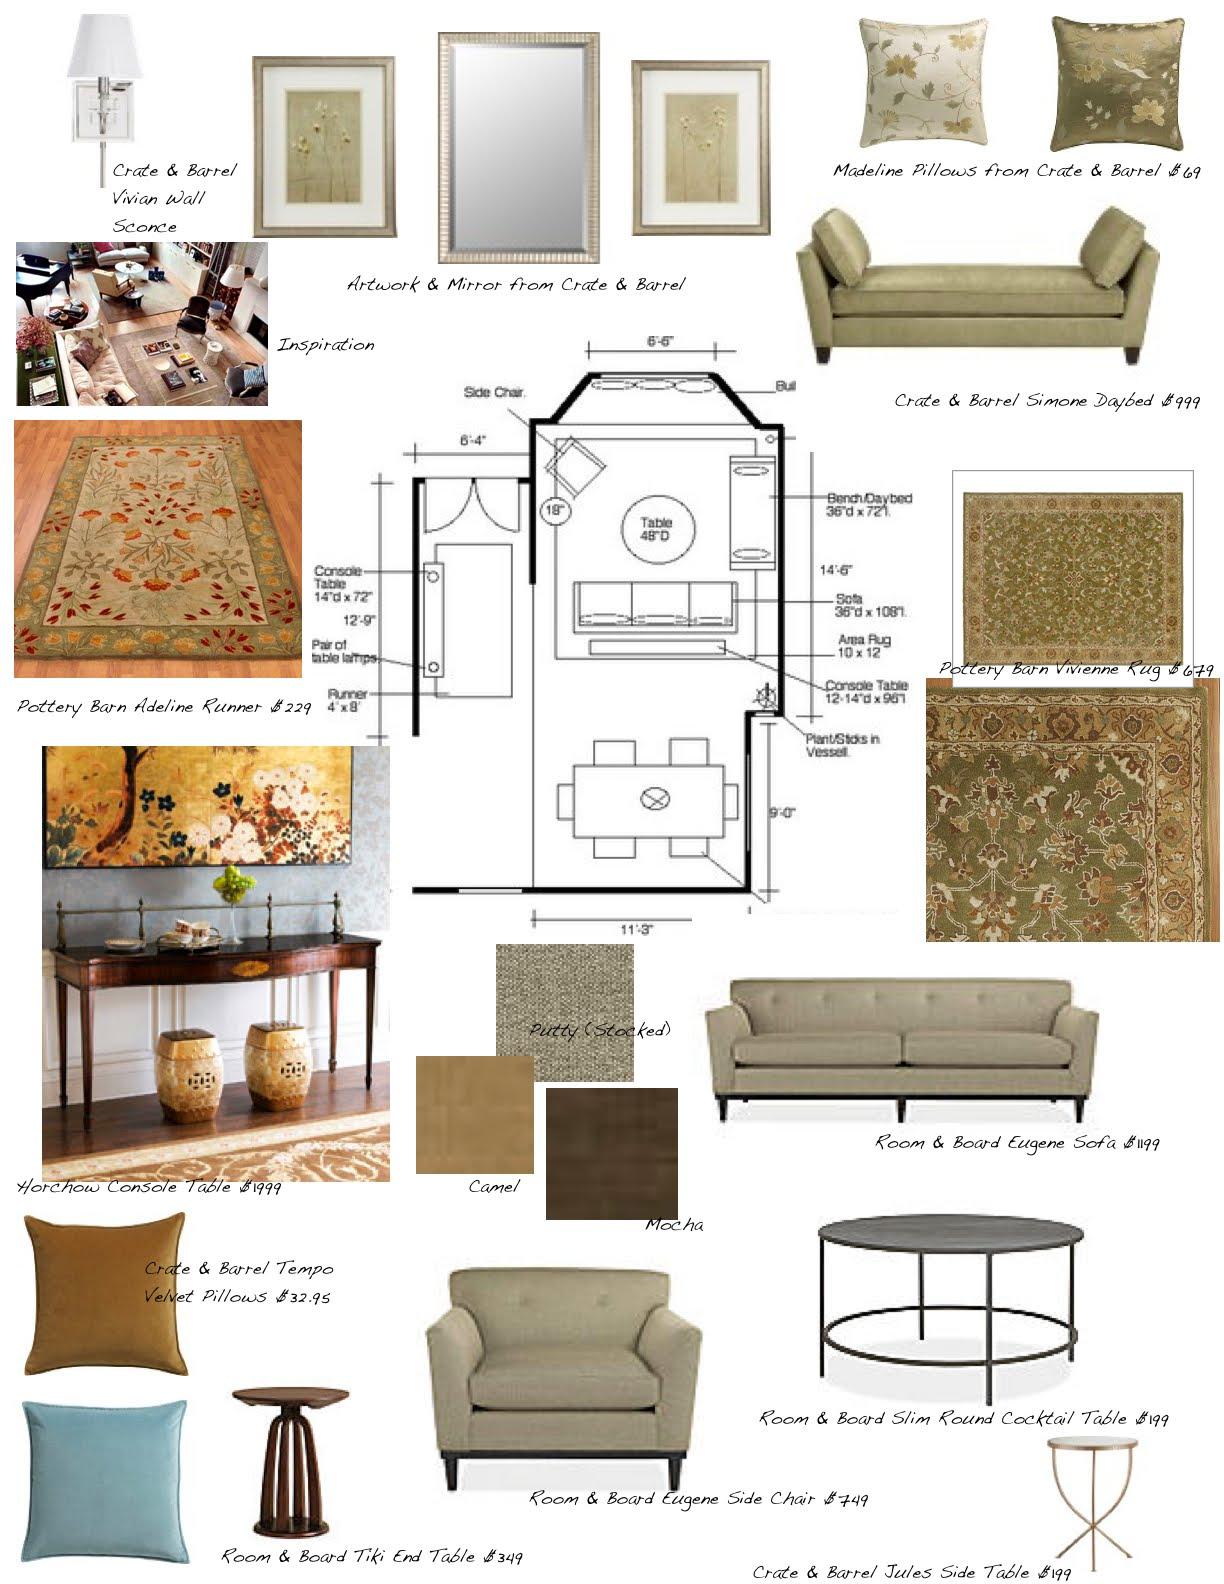 jill seidner interior design september 2010